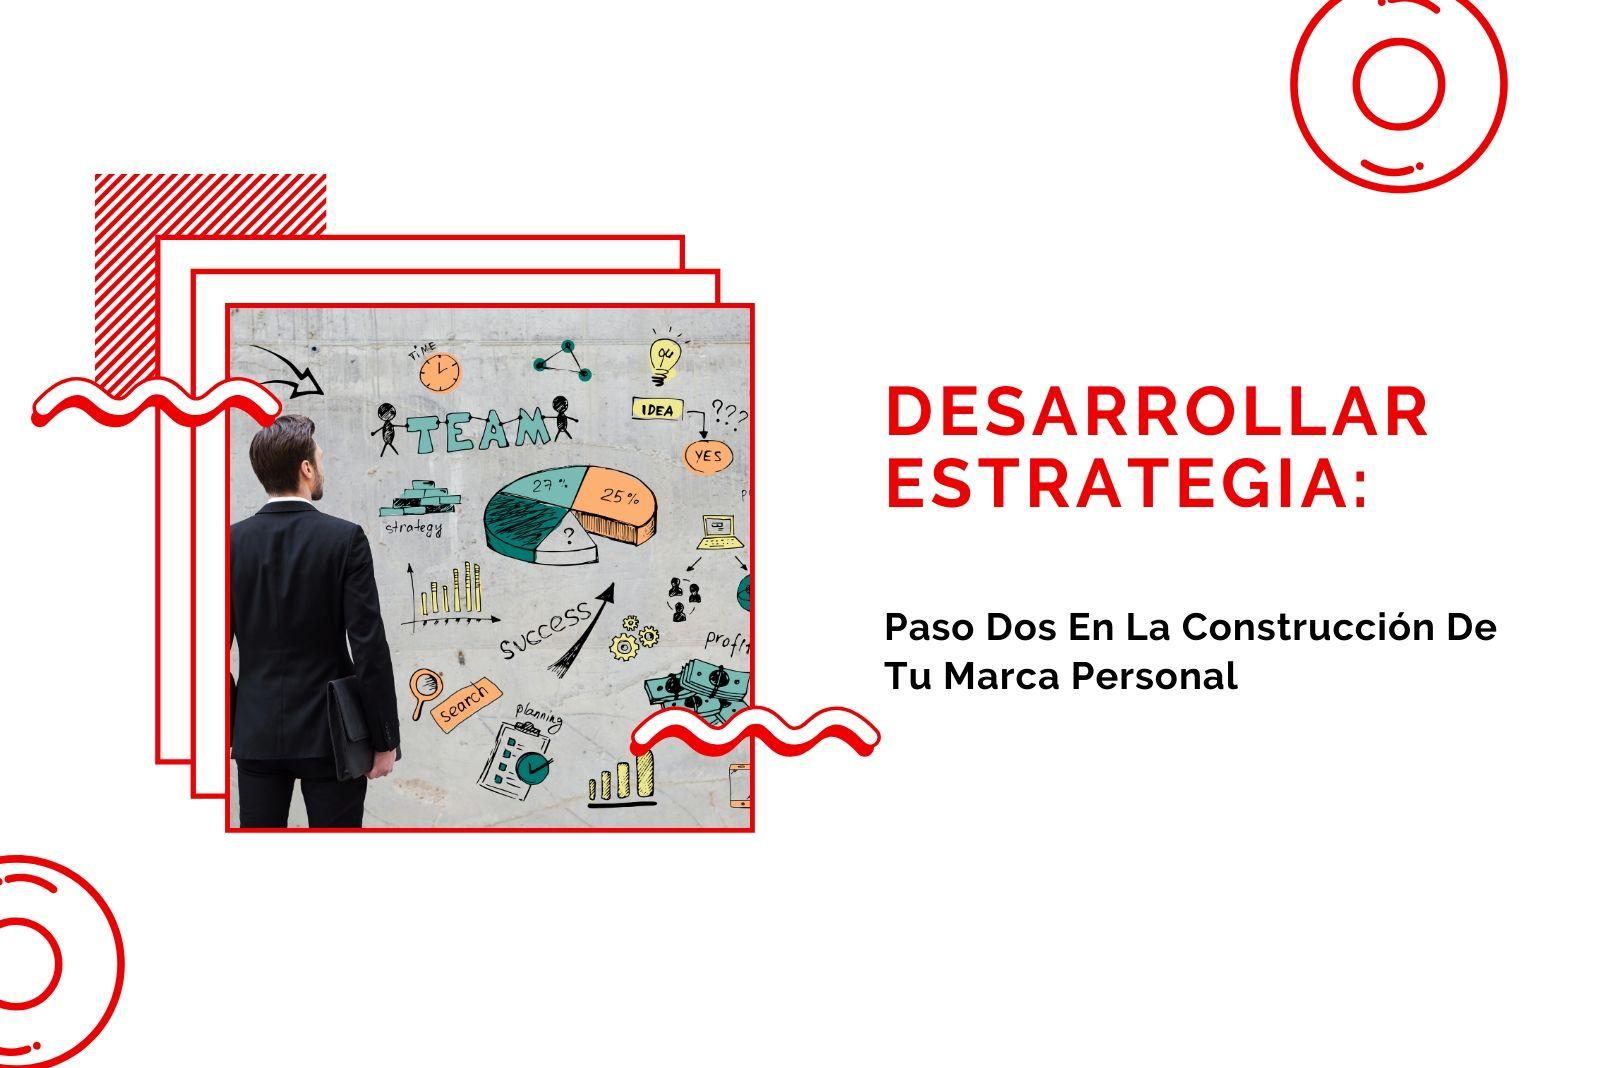 Hector Jimenez - Desarrollar la estrategia_ Paso Dos En La Construcción De Tu Marca Personal 1